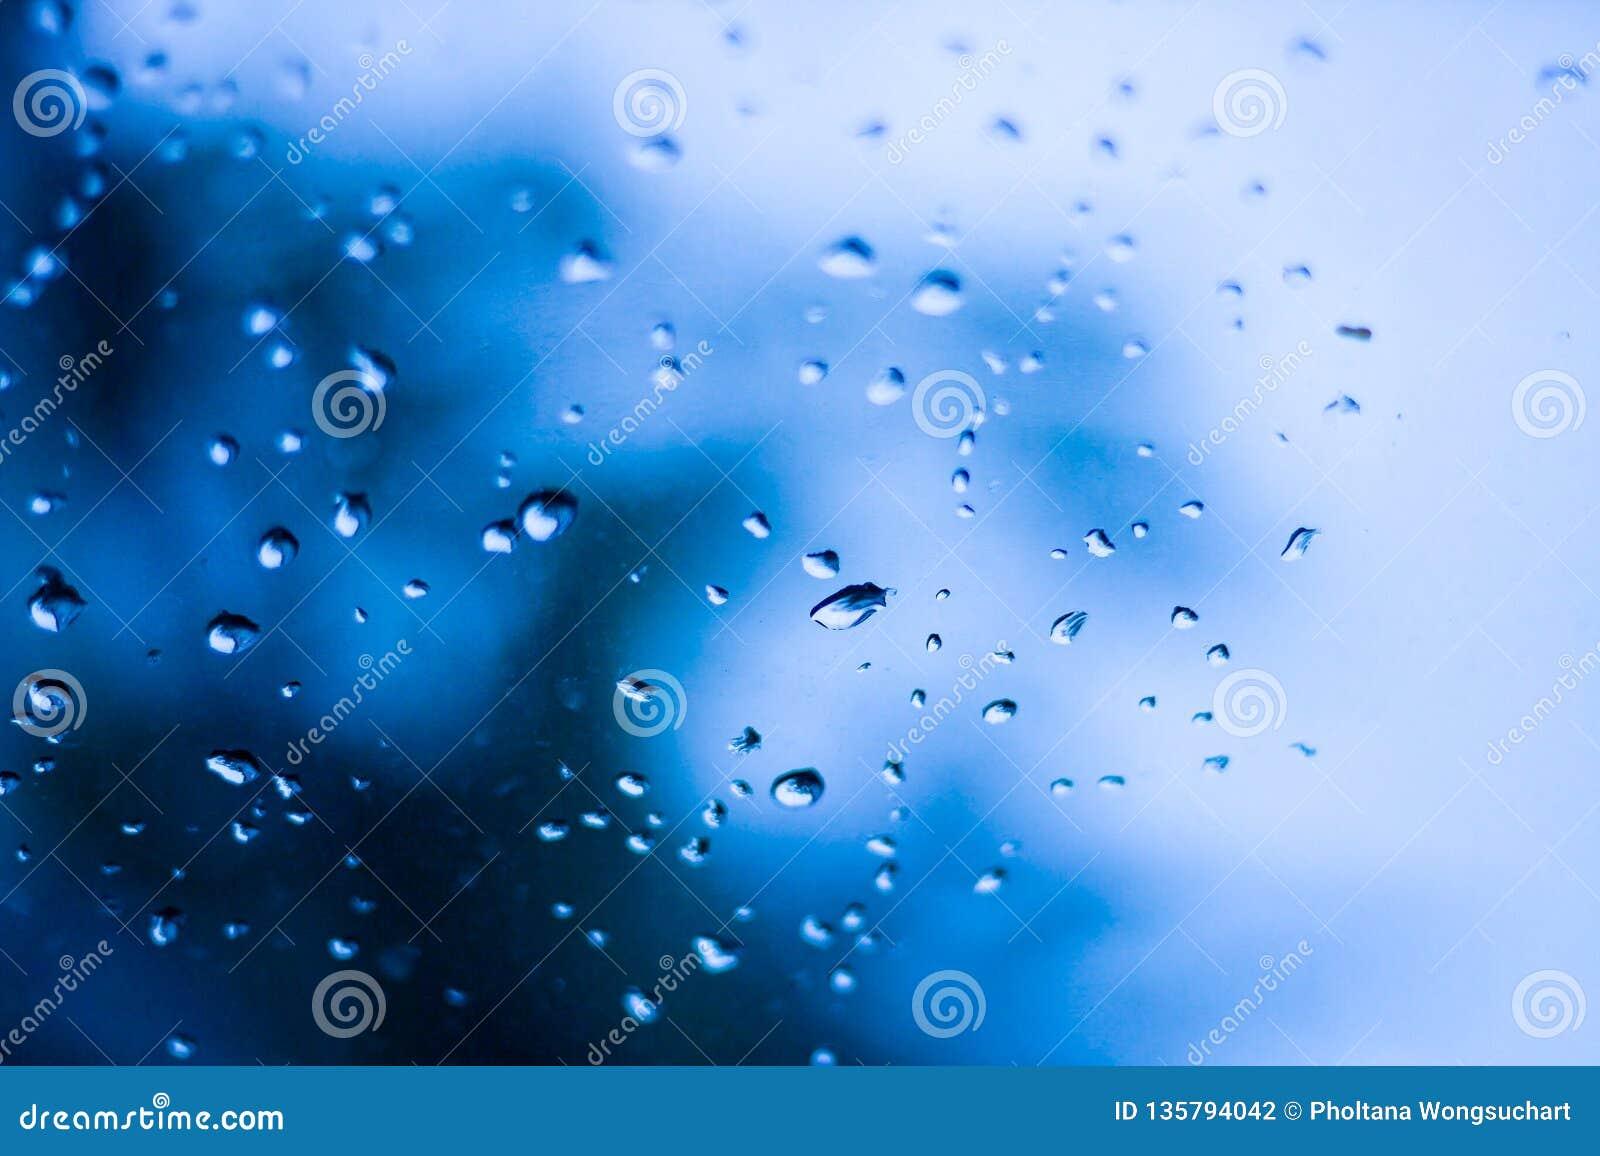 Las gotitas de agua son causadas por las gotitas de la lluvia en vidrio claro